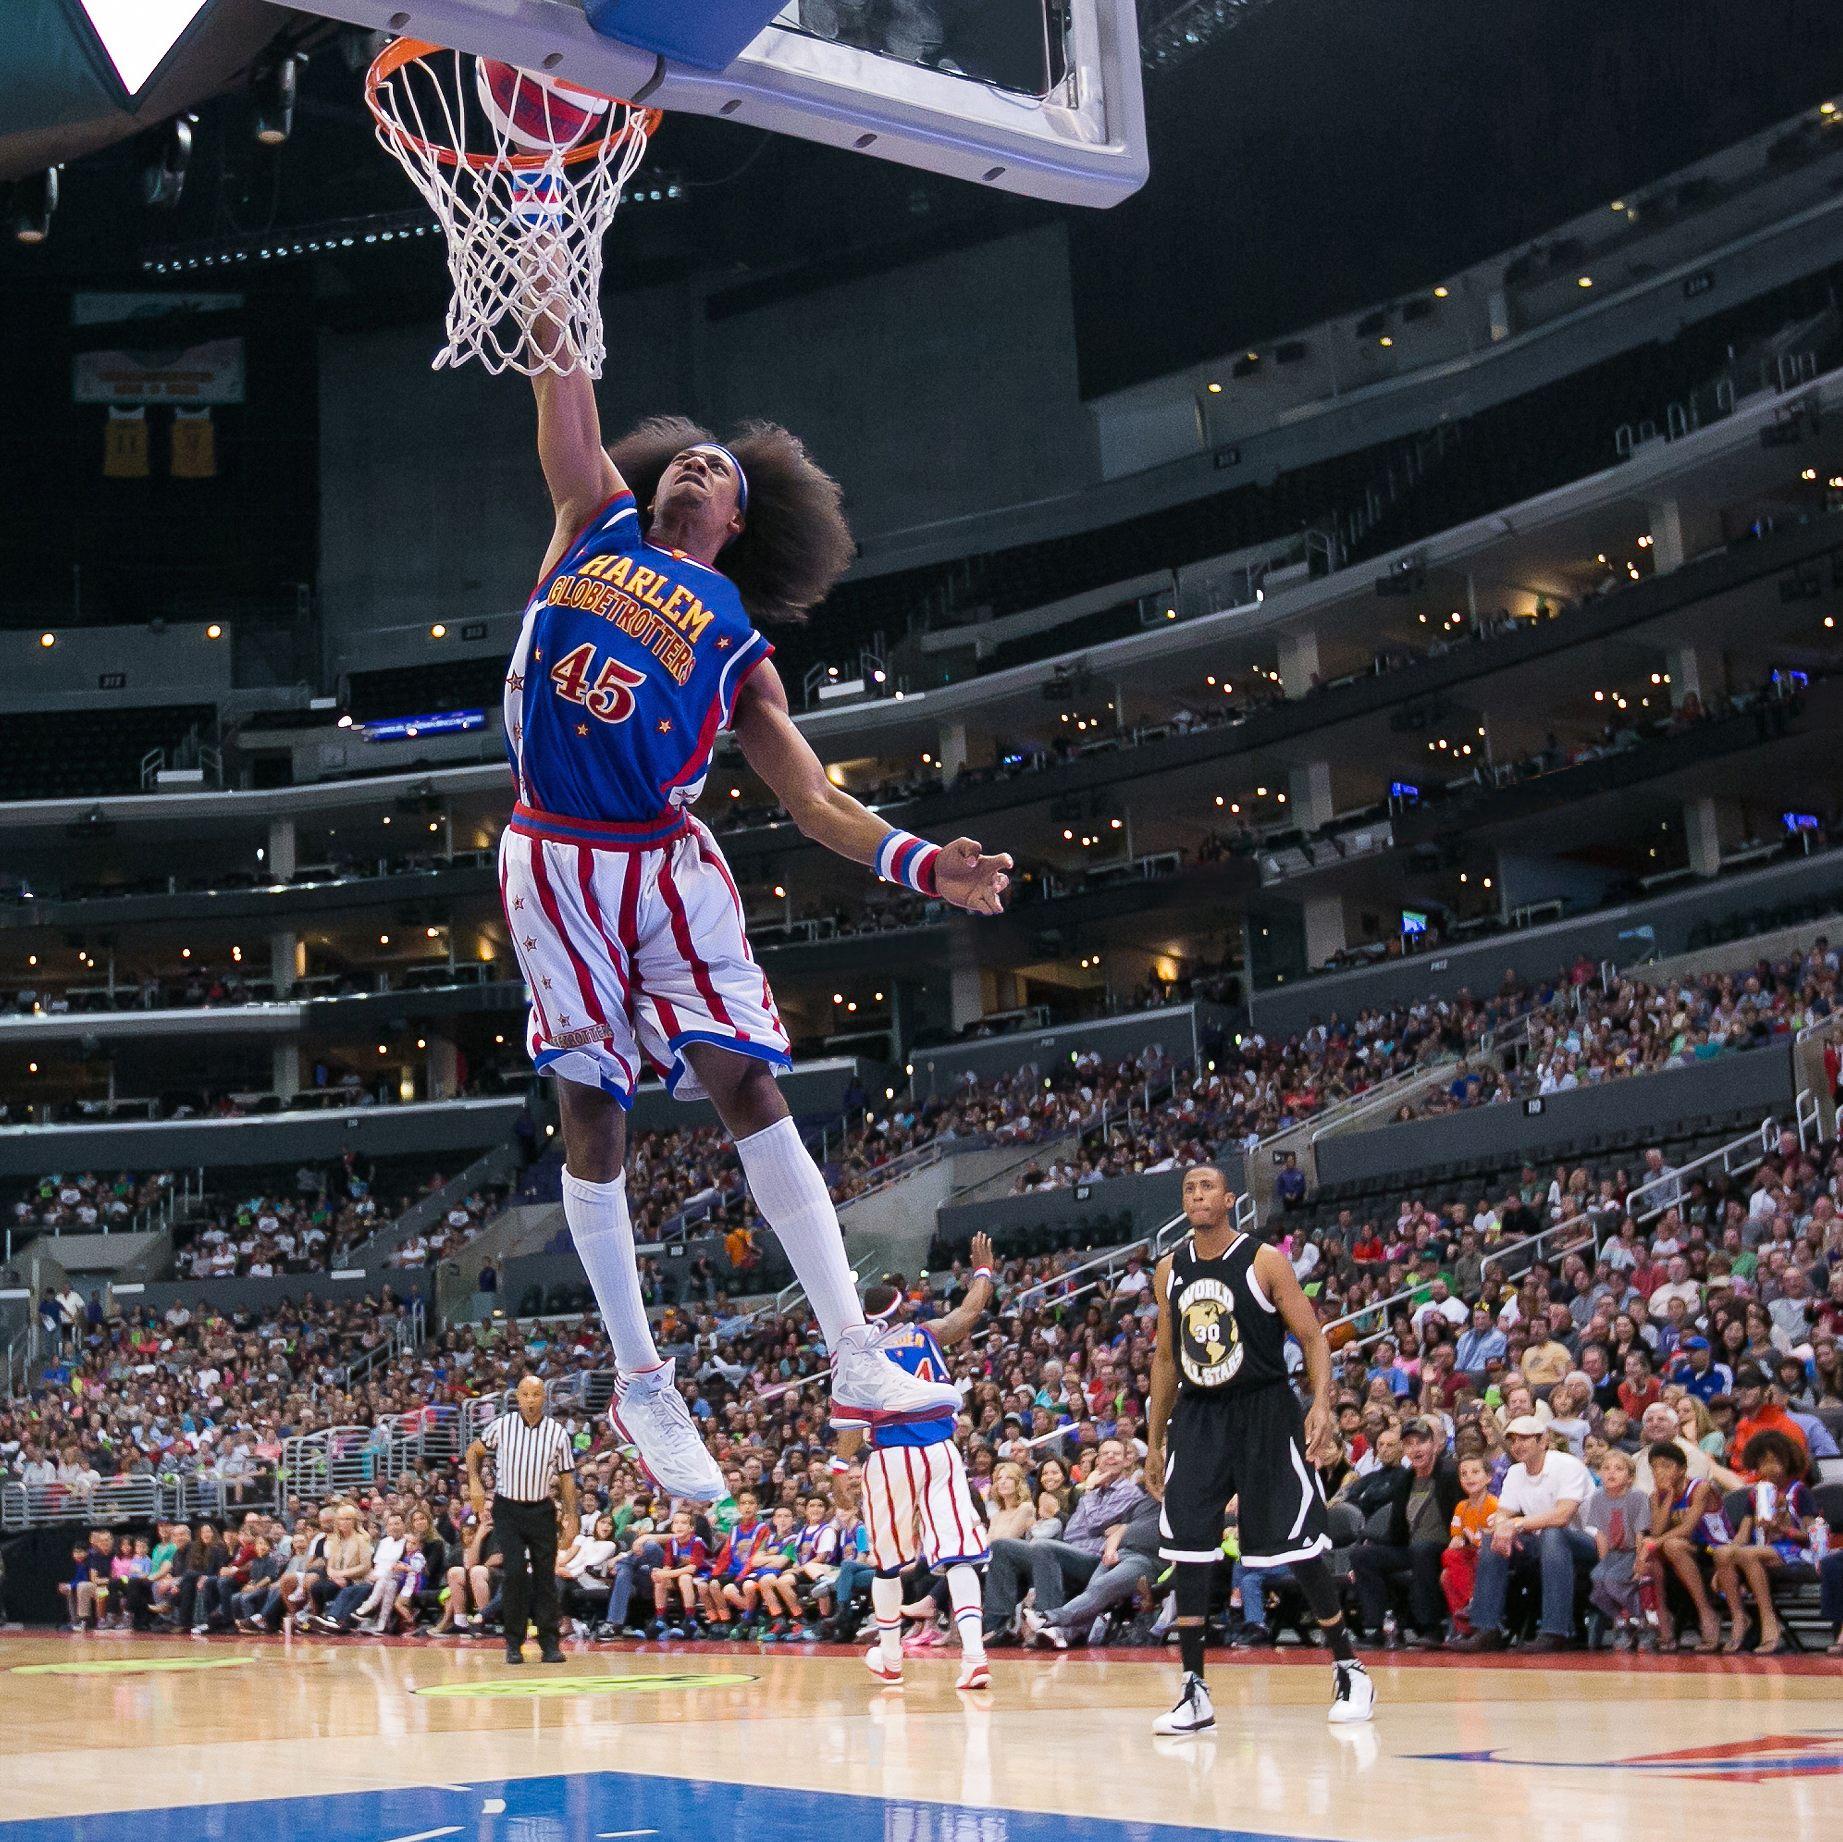 Harlem Globetrotter dunk